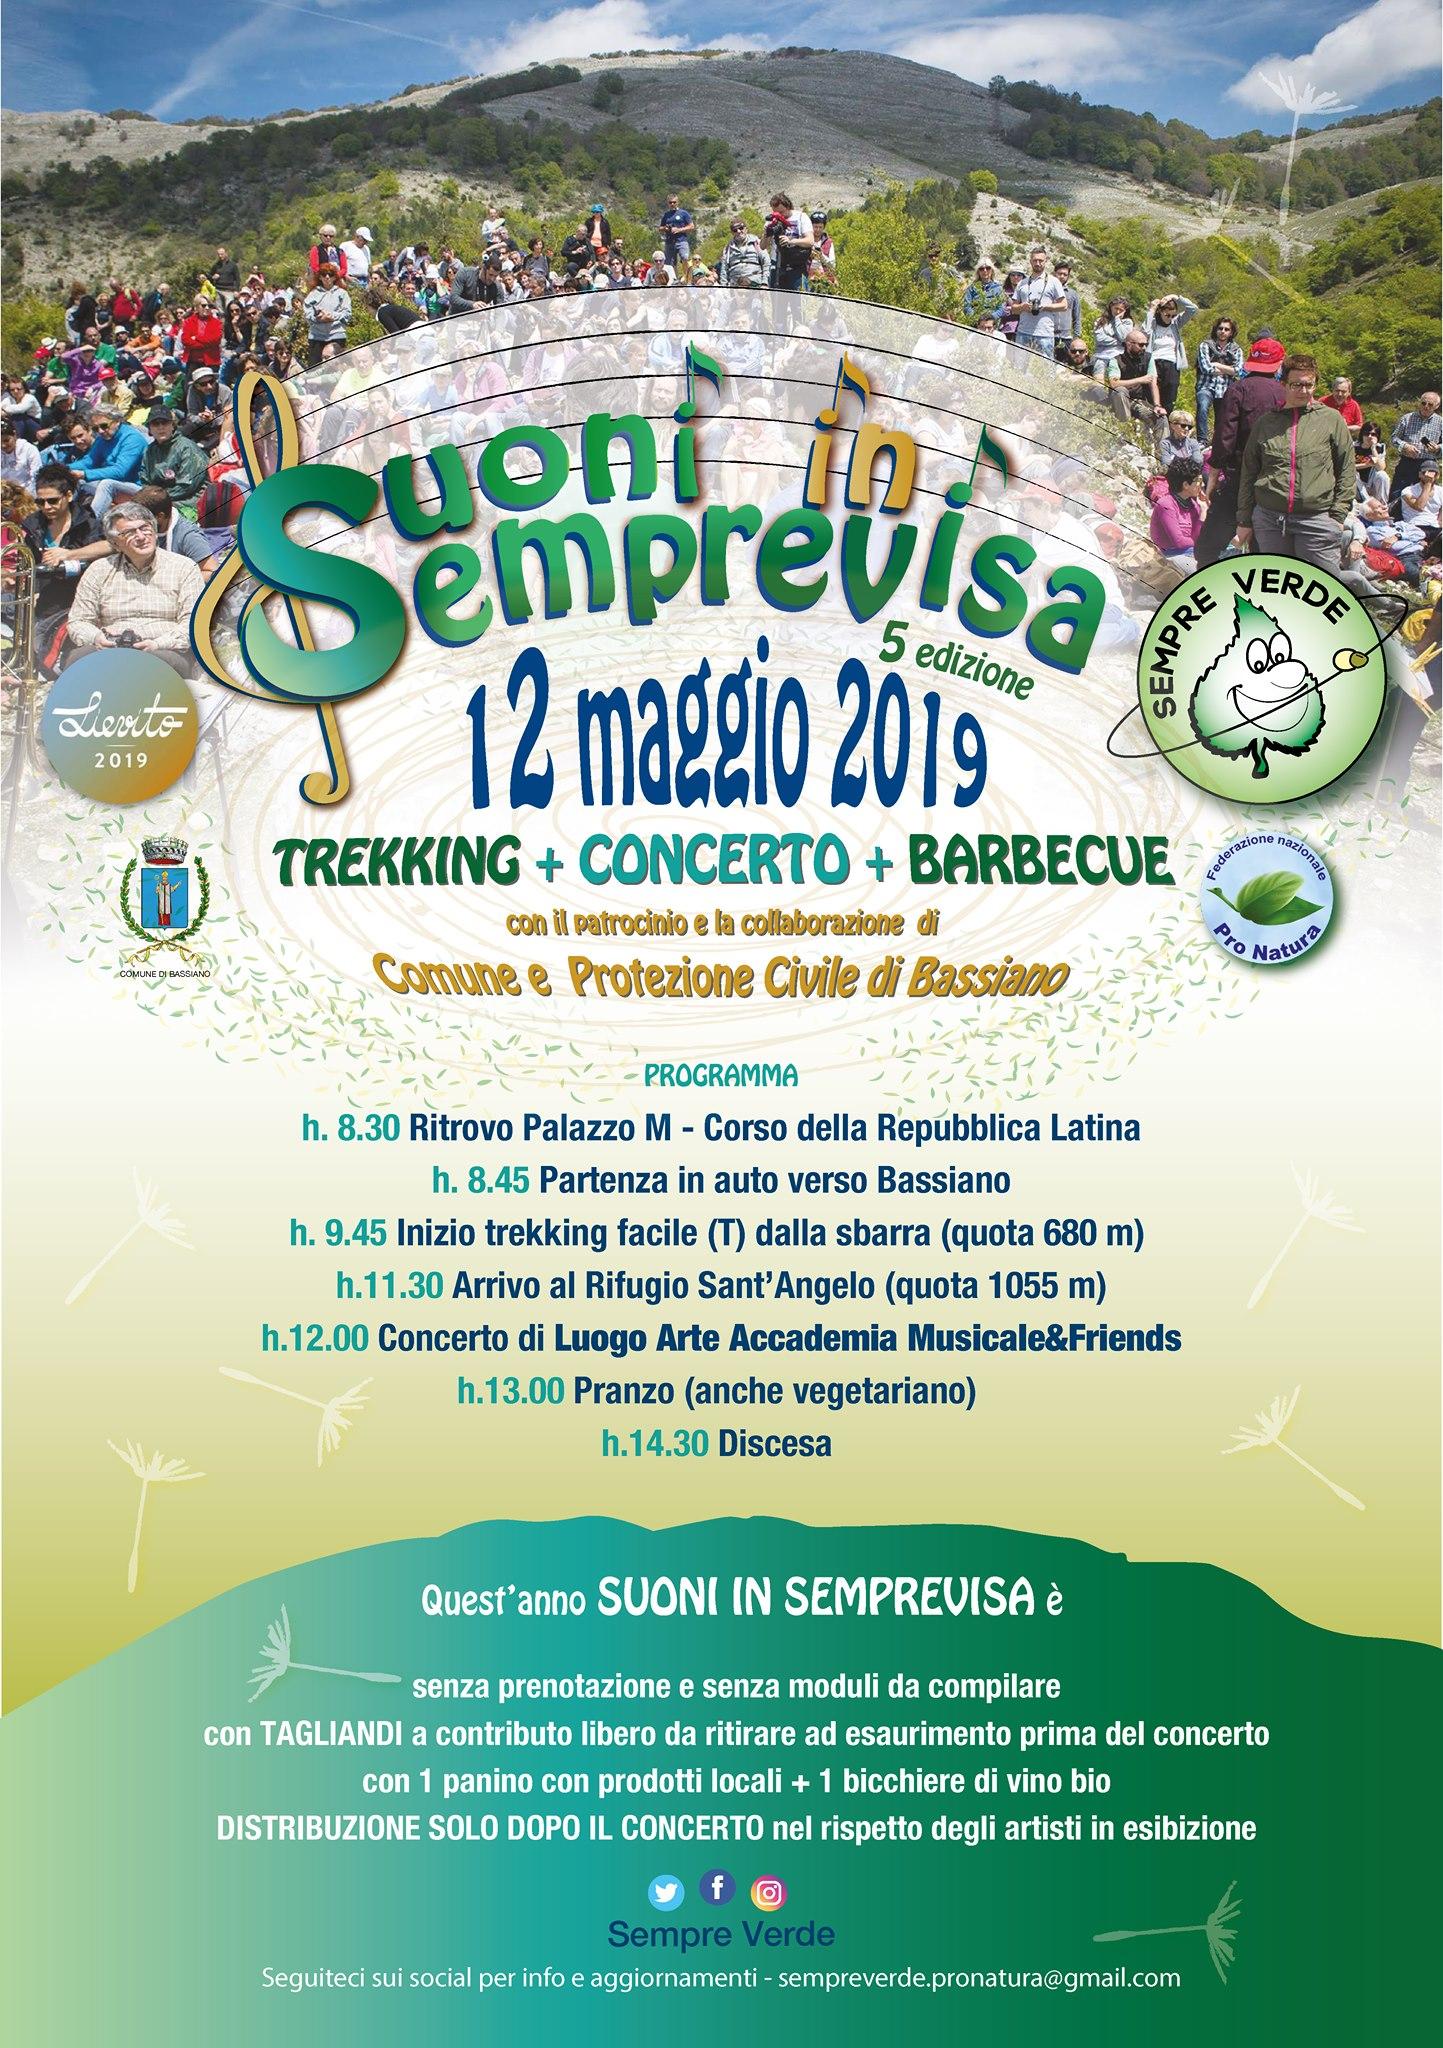 Bassiano: Suoni in Semprevisa @ Semprevisa | Bassiano | Lazio | Italia